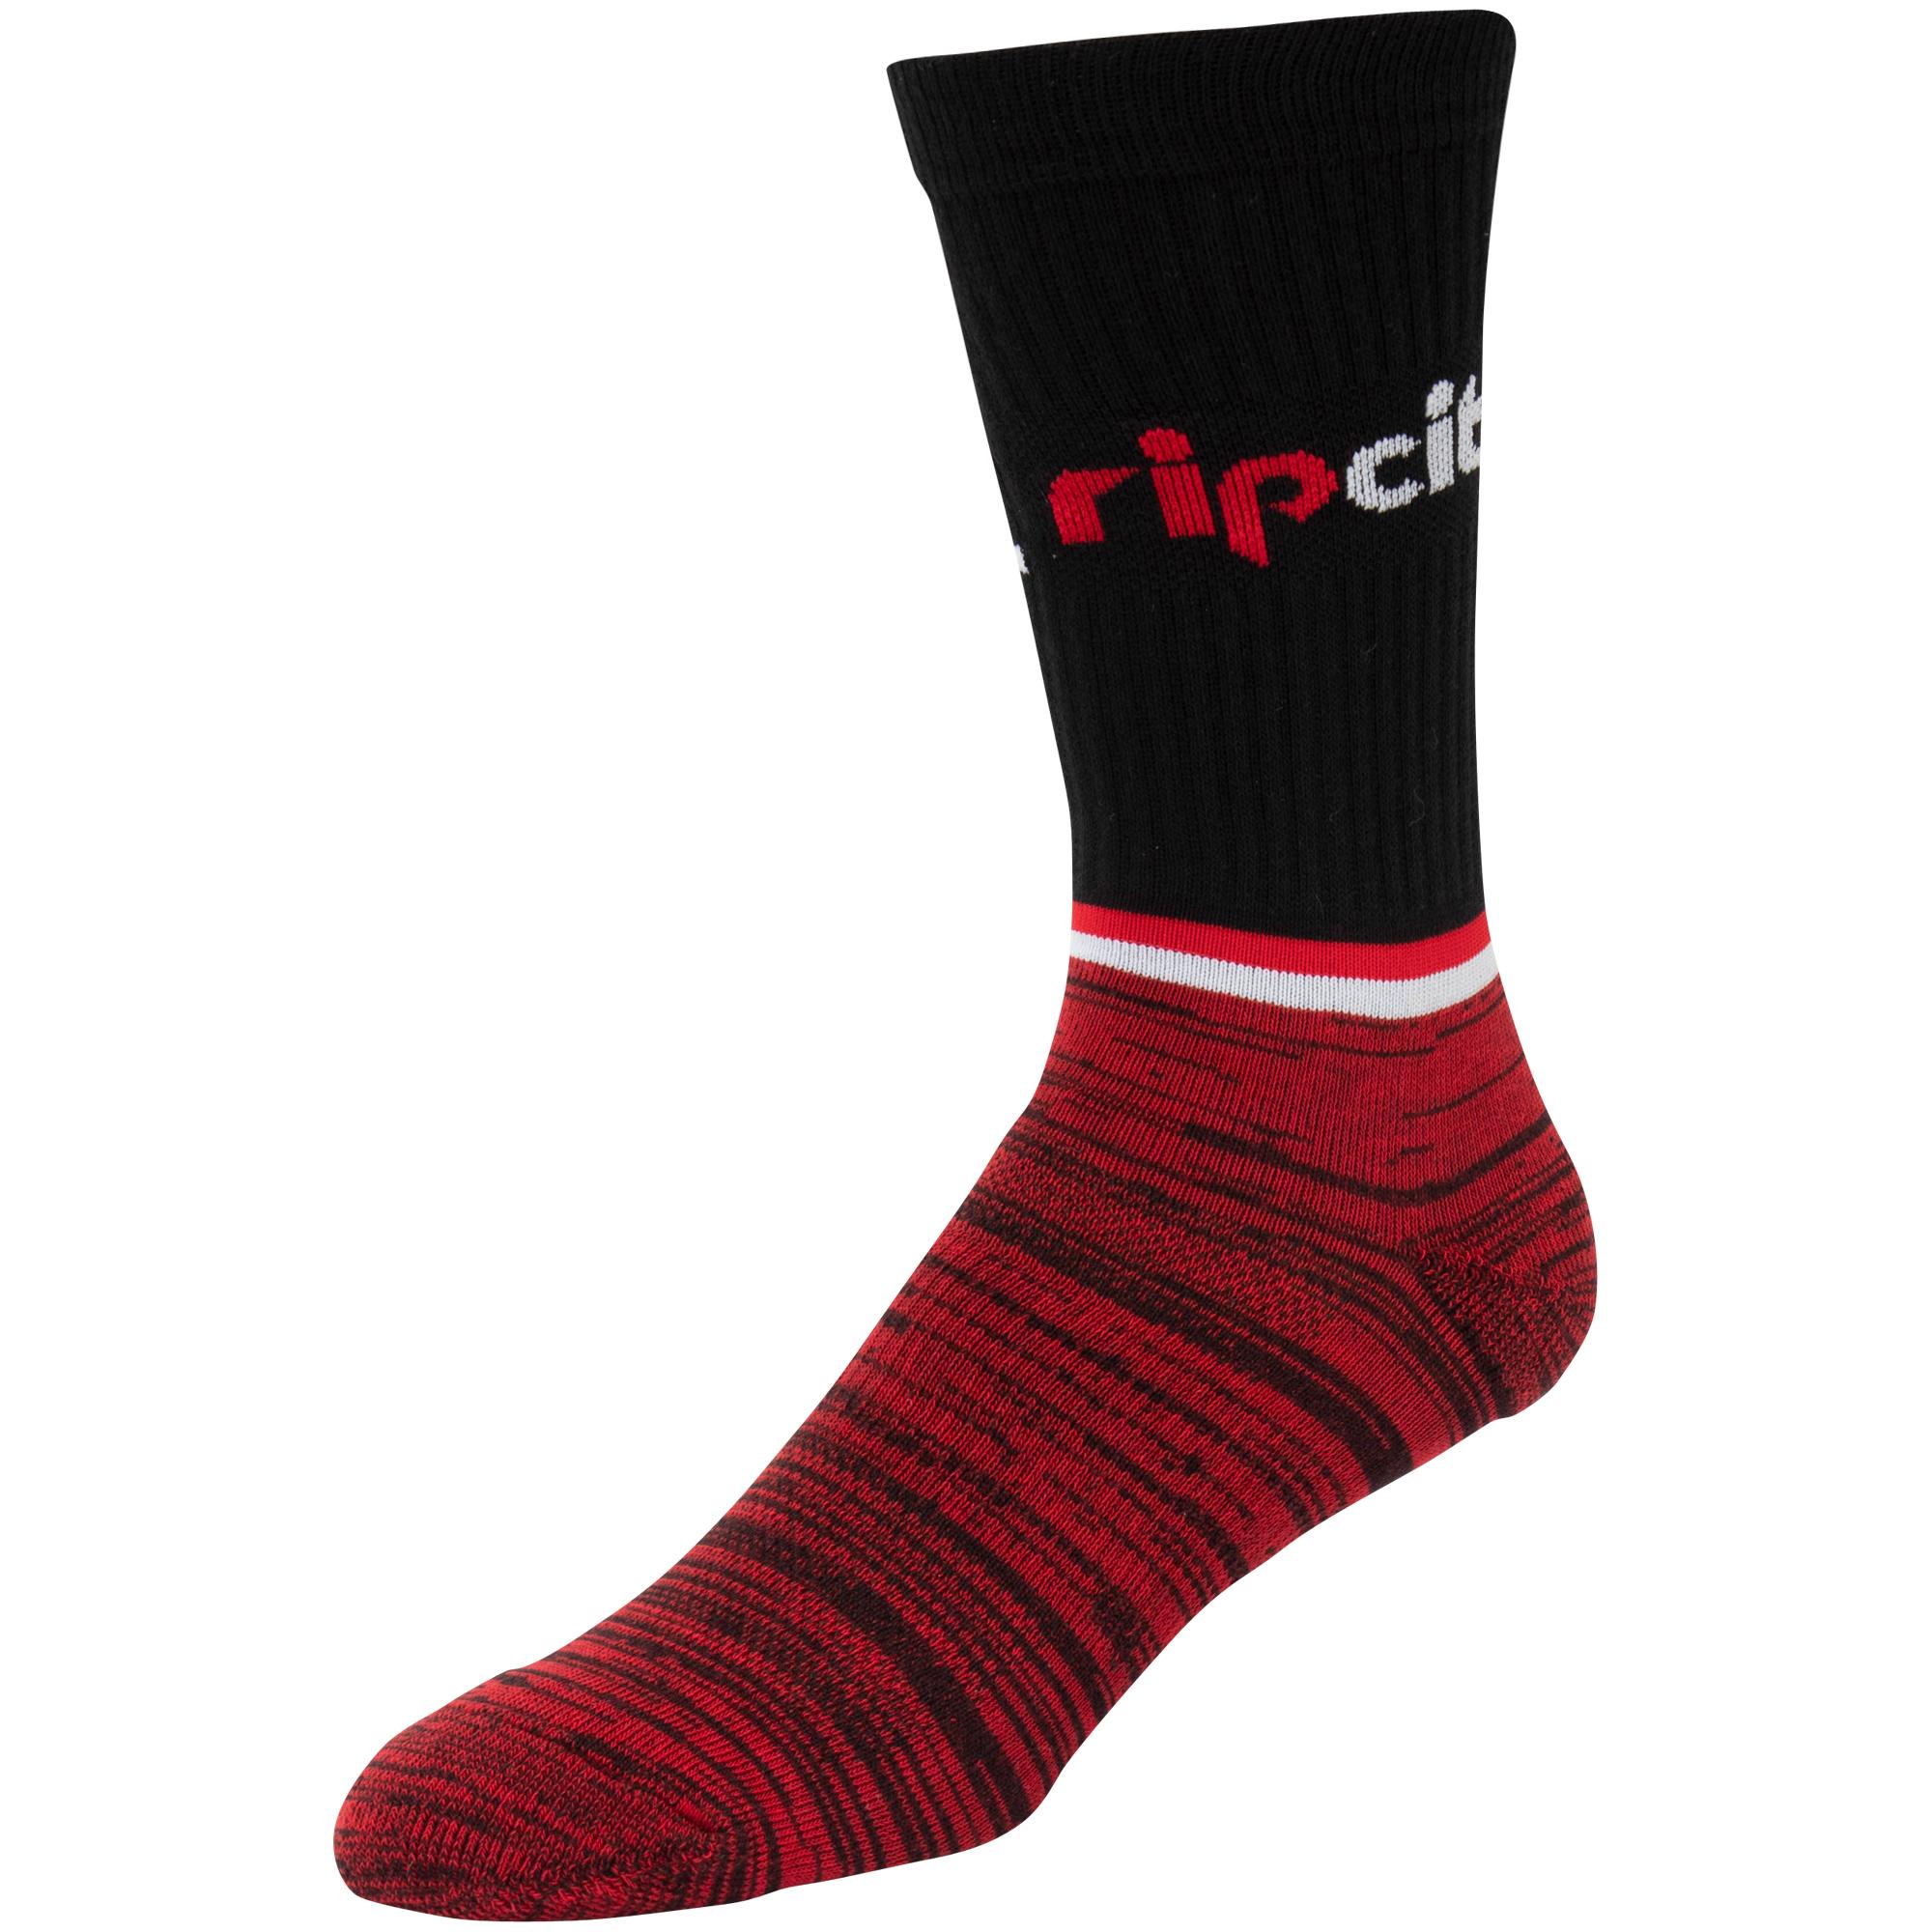 Portland Trail Blazers Block Crew Socks - L